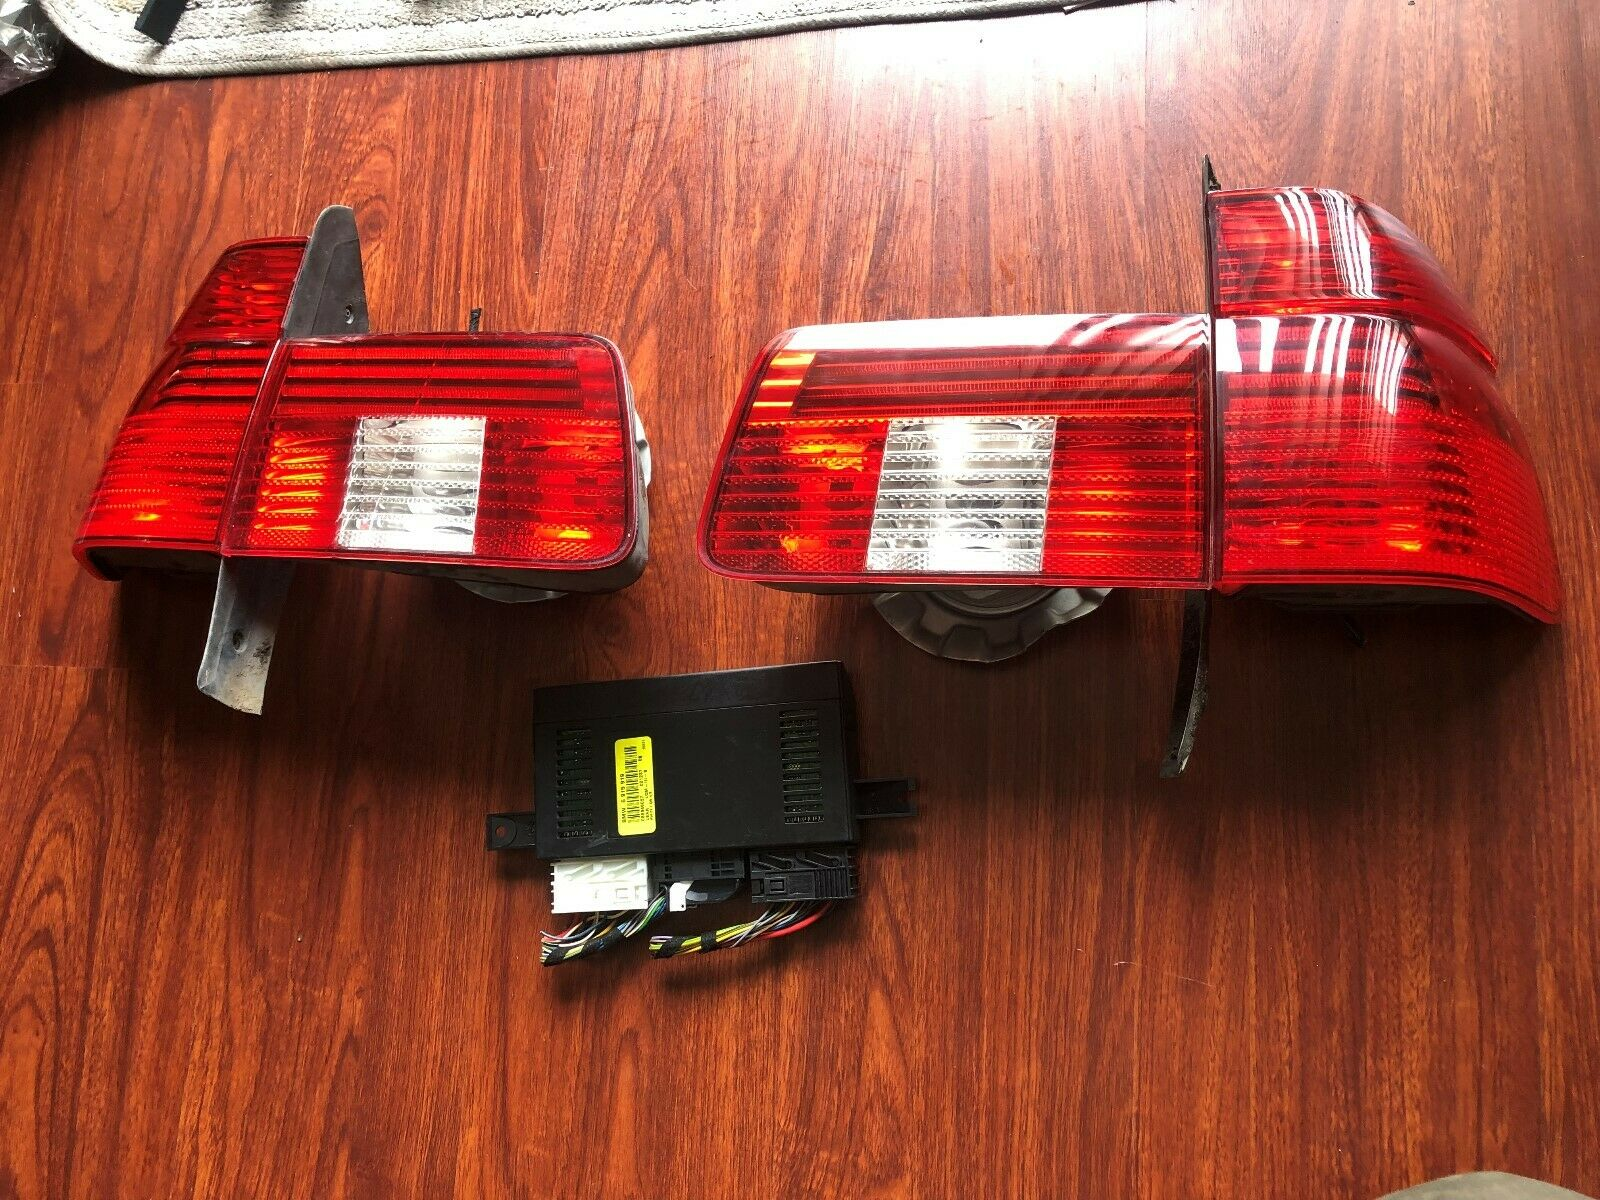 2001 2003 BMW E39 WAGON TOURING 540iT 525iT 540i 525i LED Tail Light Lamp LCM